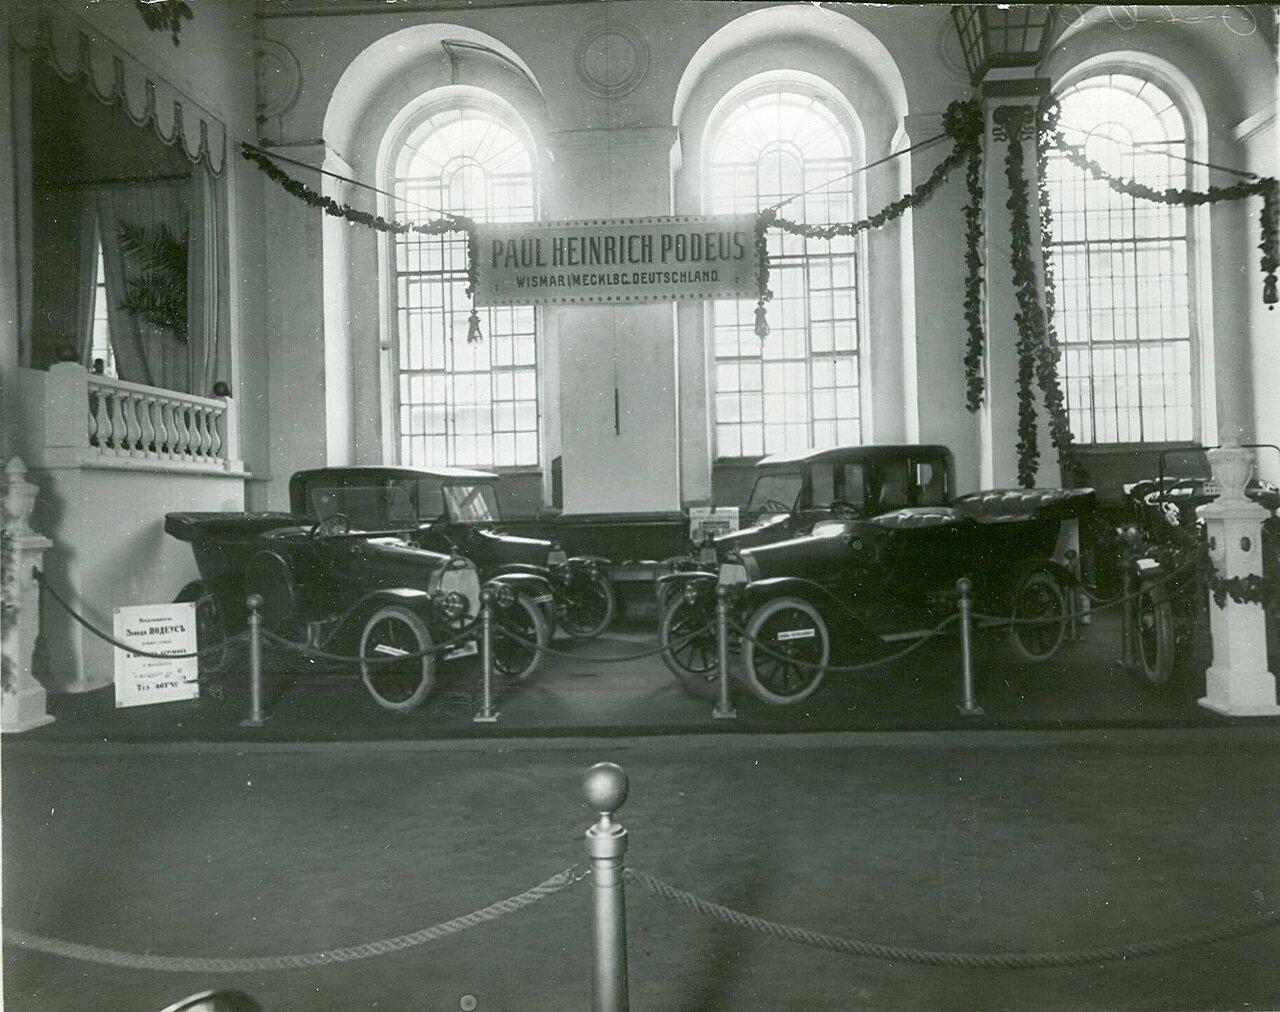 61. Экспонаты выставки  автомобили немецкой фирмы Подеус